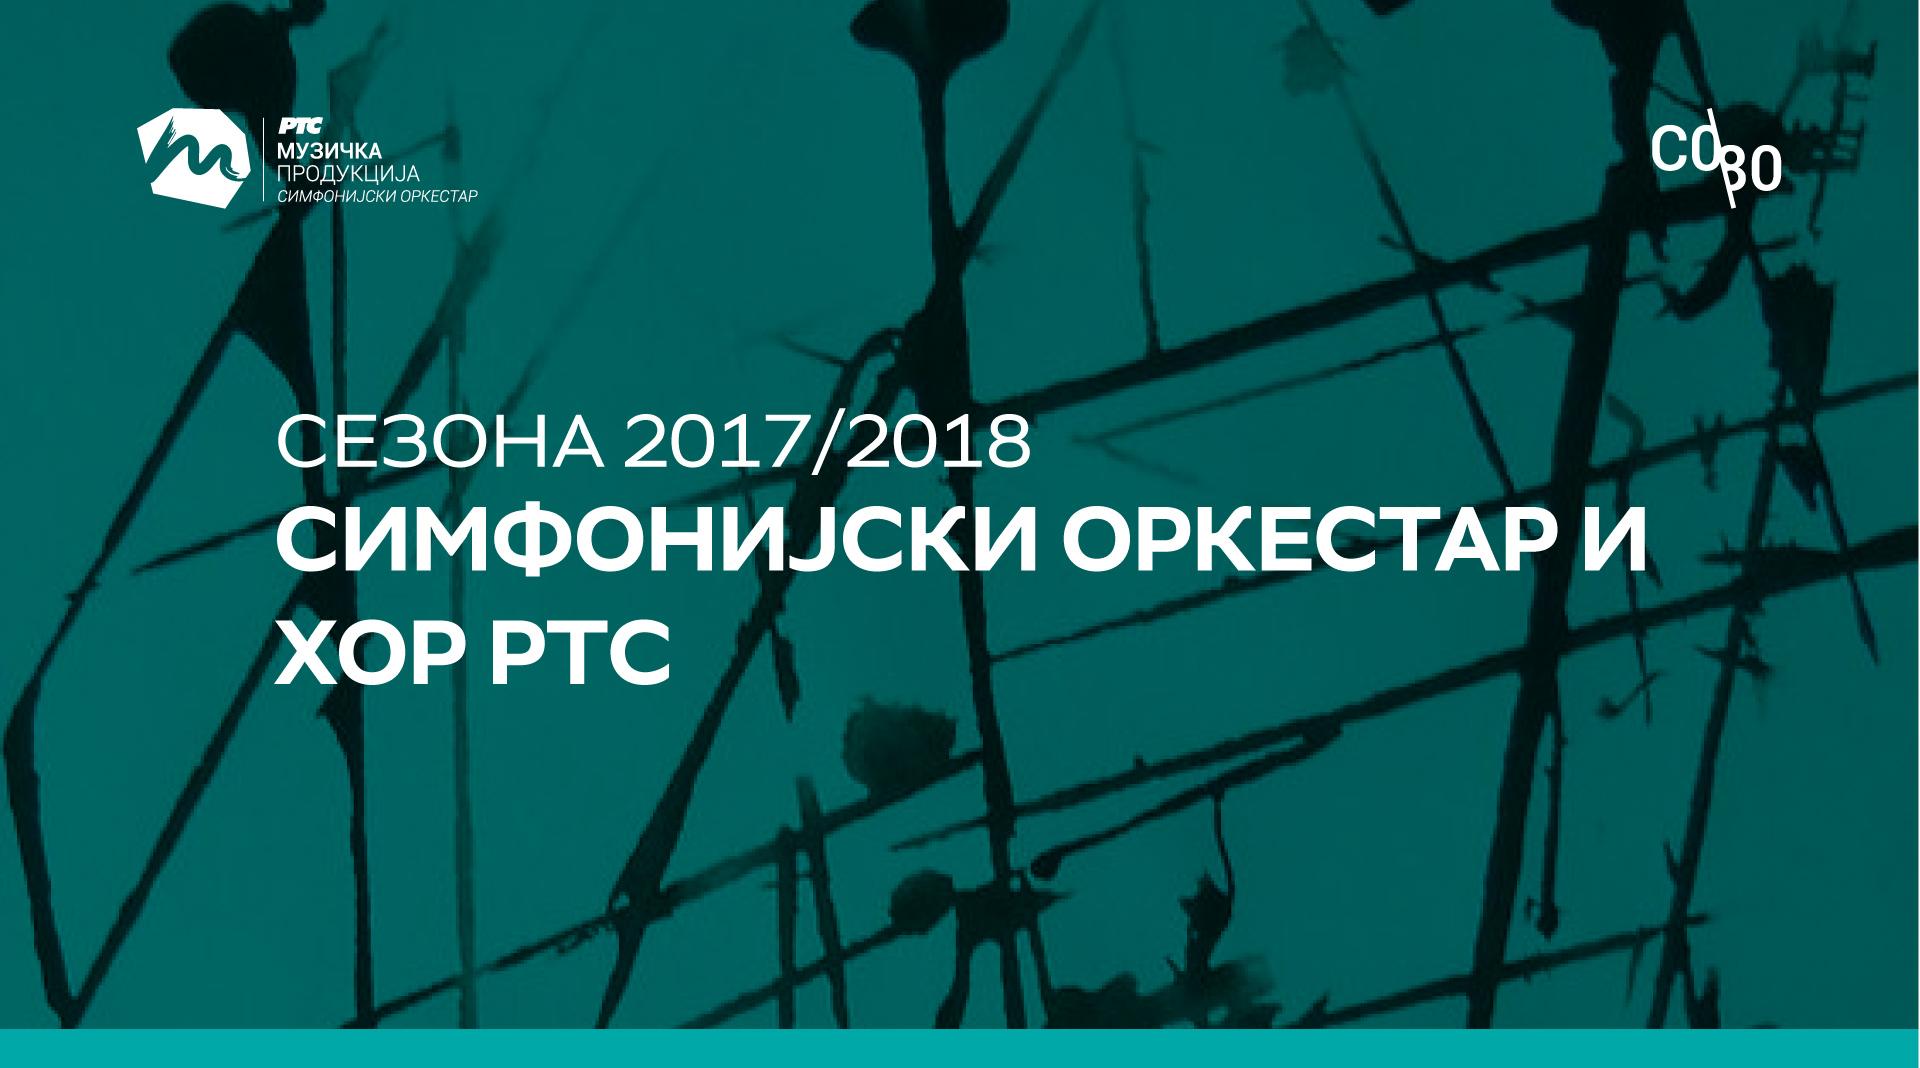 Симфонијски оркестар и Хор РТС сезона 2017/2018